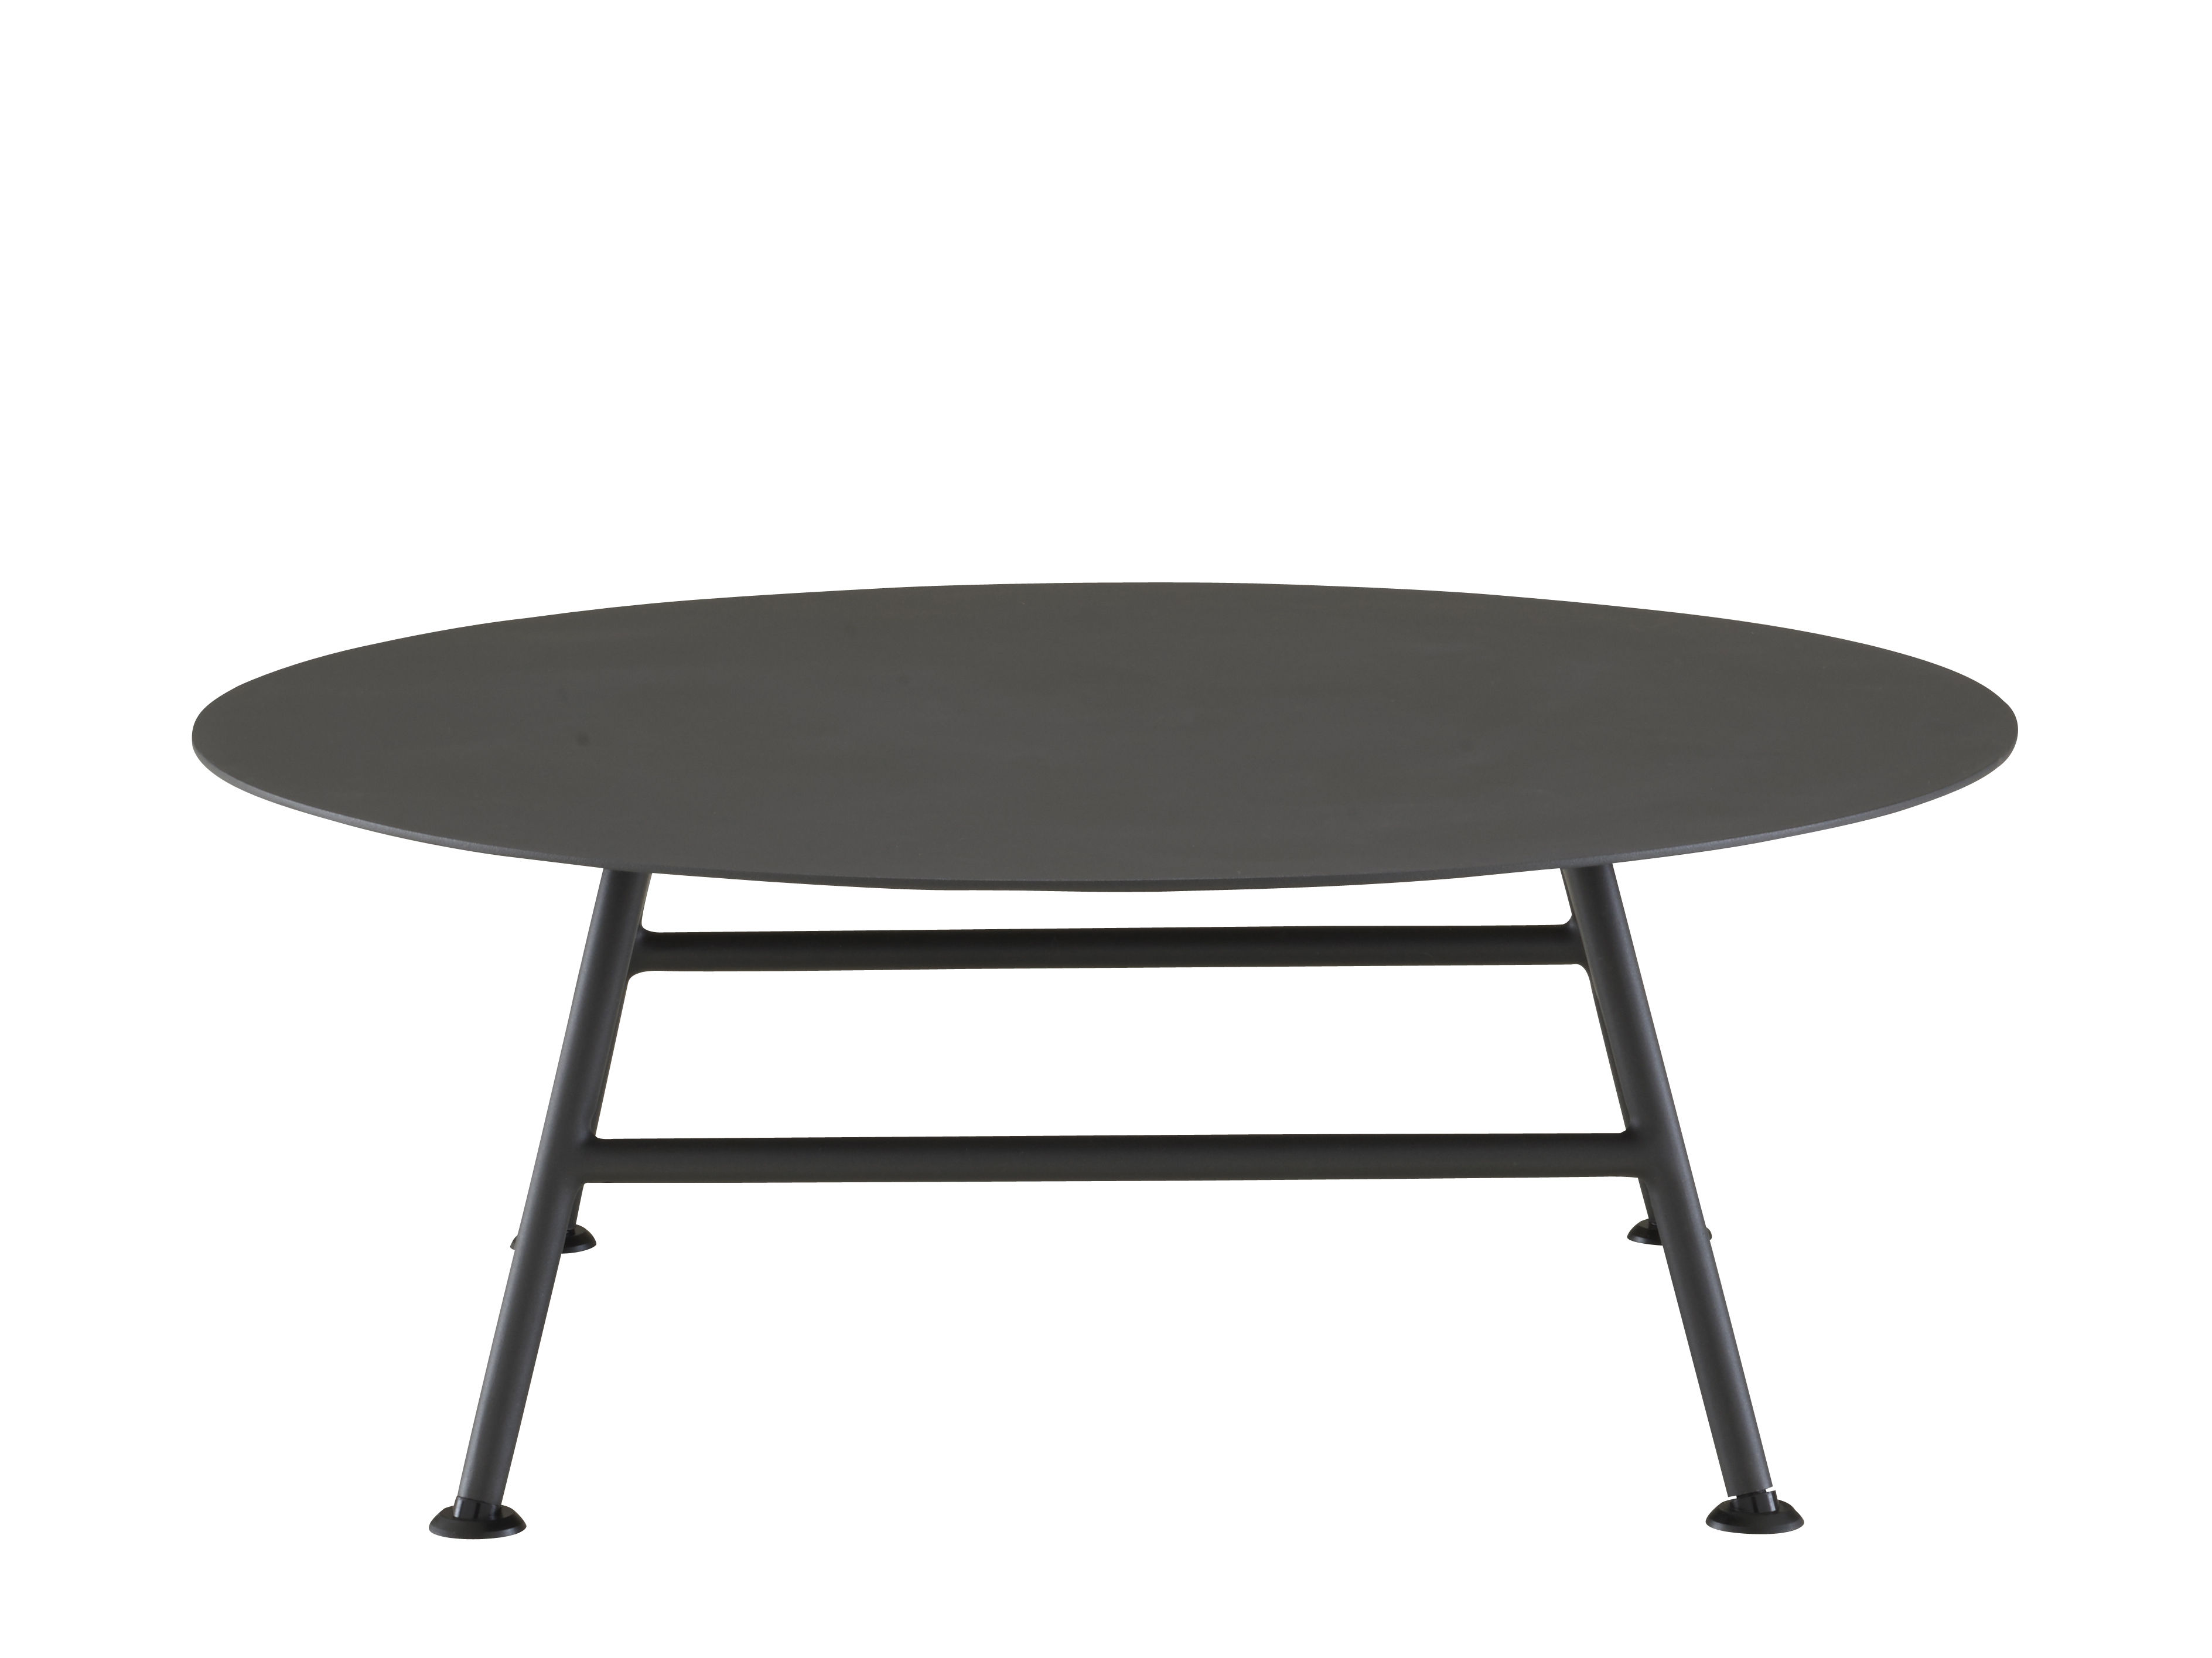 table basse garden pack cinna charbon h 30 x 80. Black Bedroom Furniture Sets. Home Design Ideas